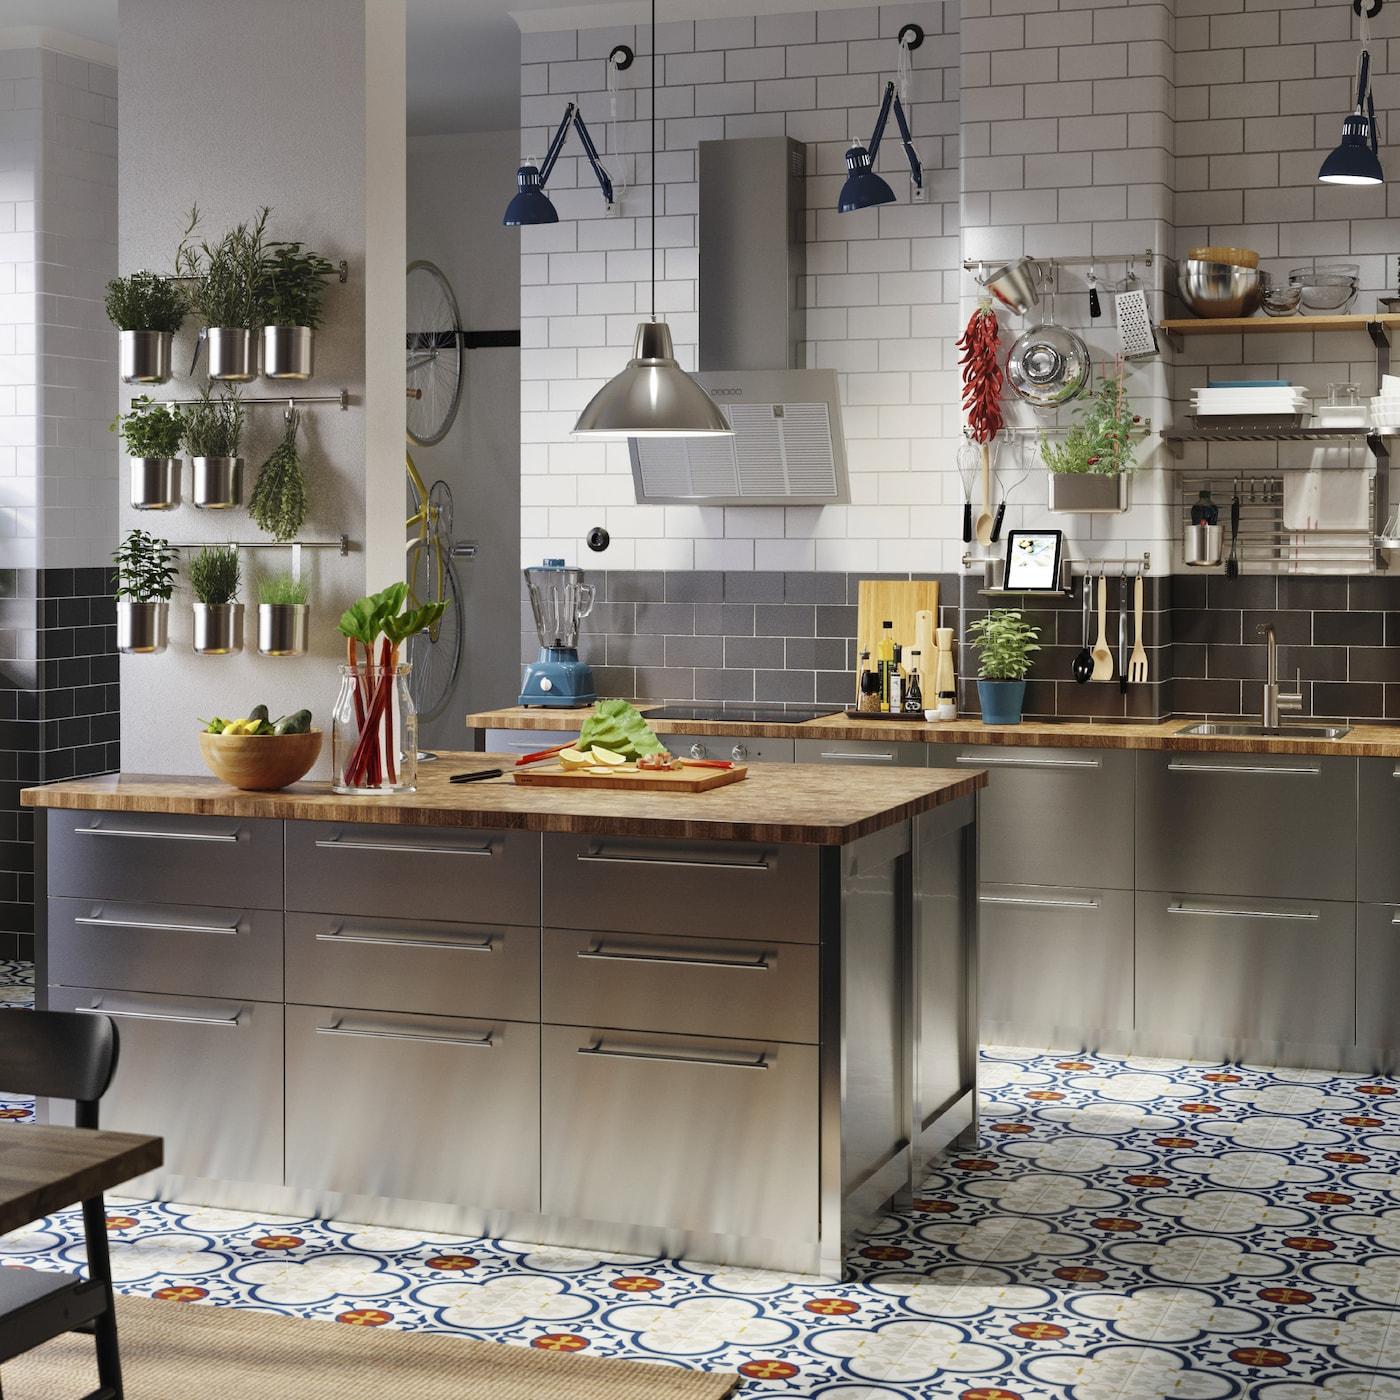 Full Size of Ikea Edelstahlküche Küche Kaufen Gebraucht Miniküche Kosten Betten 160x200 Modulküche Bei Sofa Mit Schlaffunktion Wohnzimmer Ikea Edelstahlküche